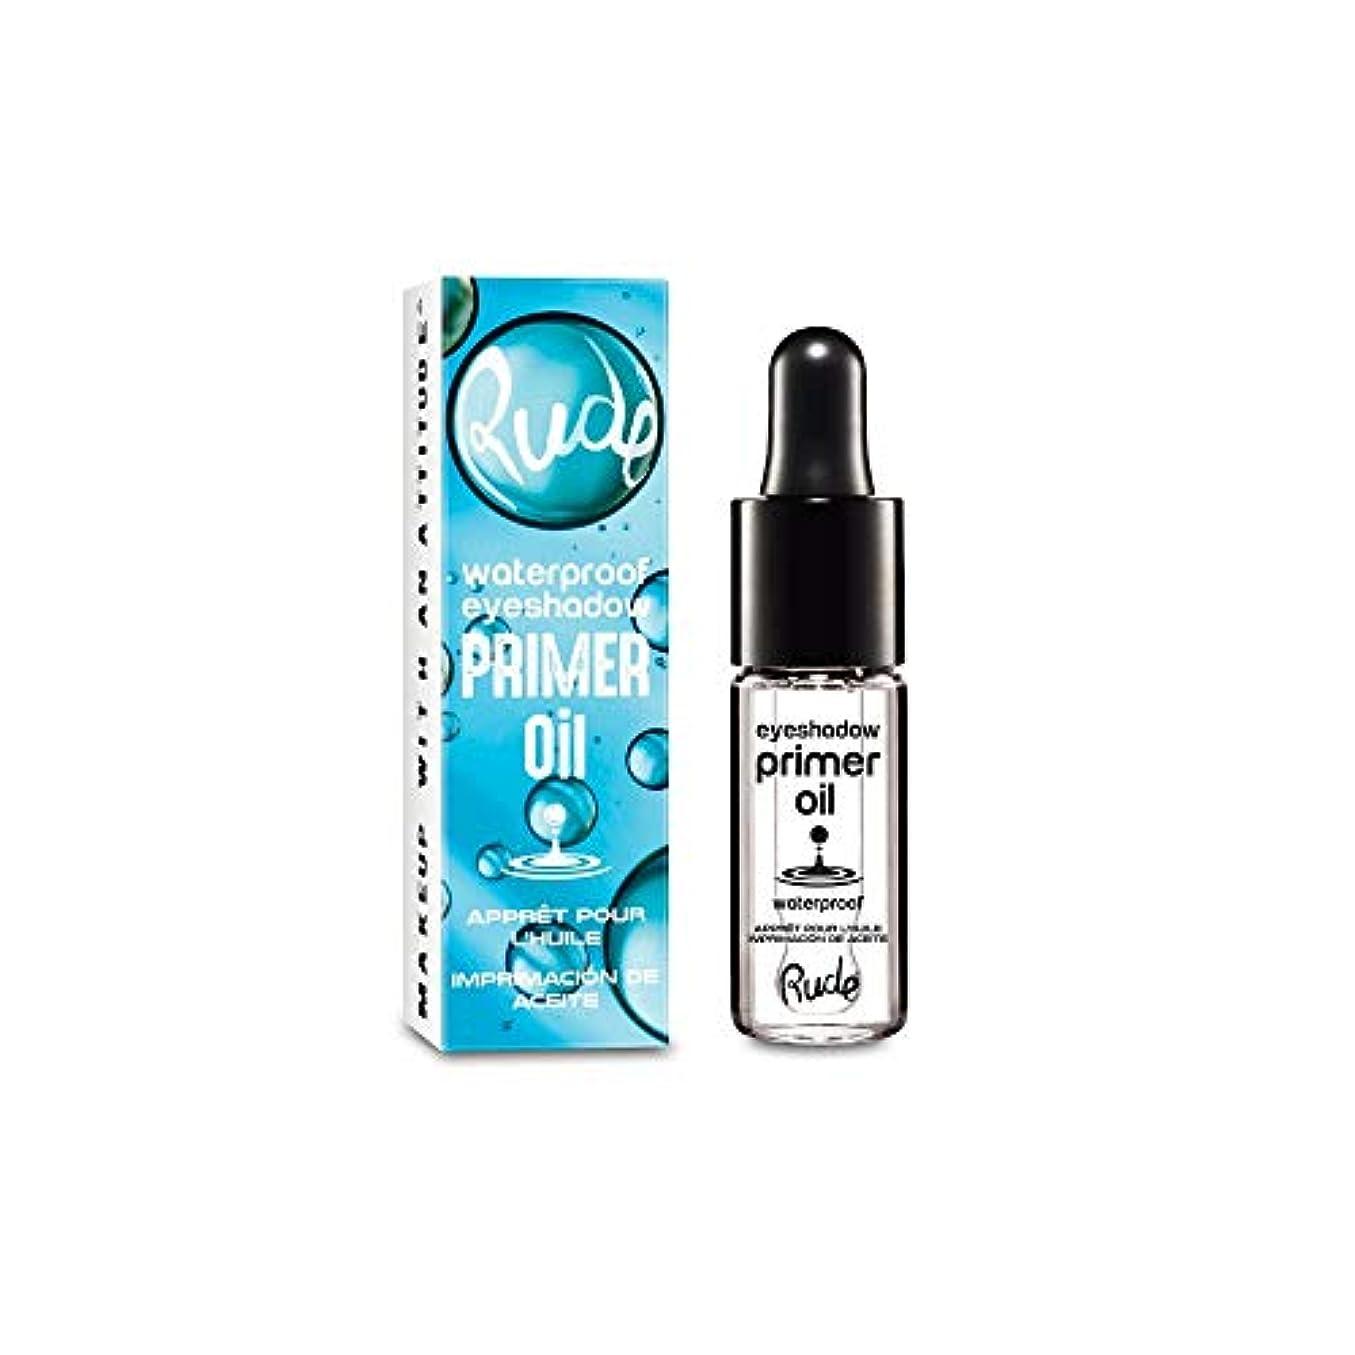 ありそう束周囲RUDE Waterproof Eyeshadow Primer Oil (並行輸入品)